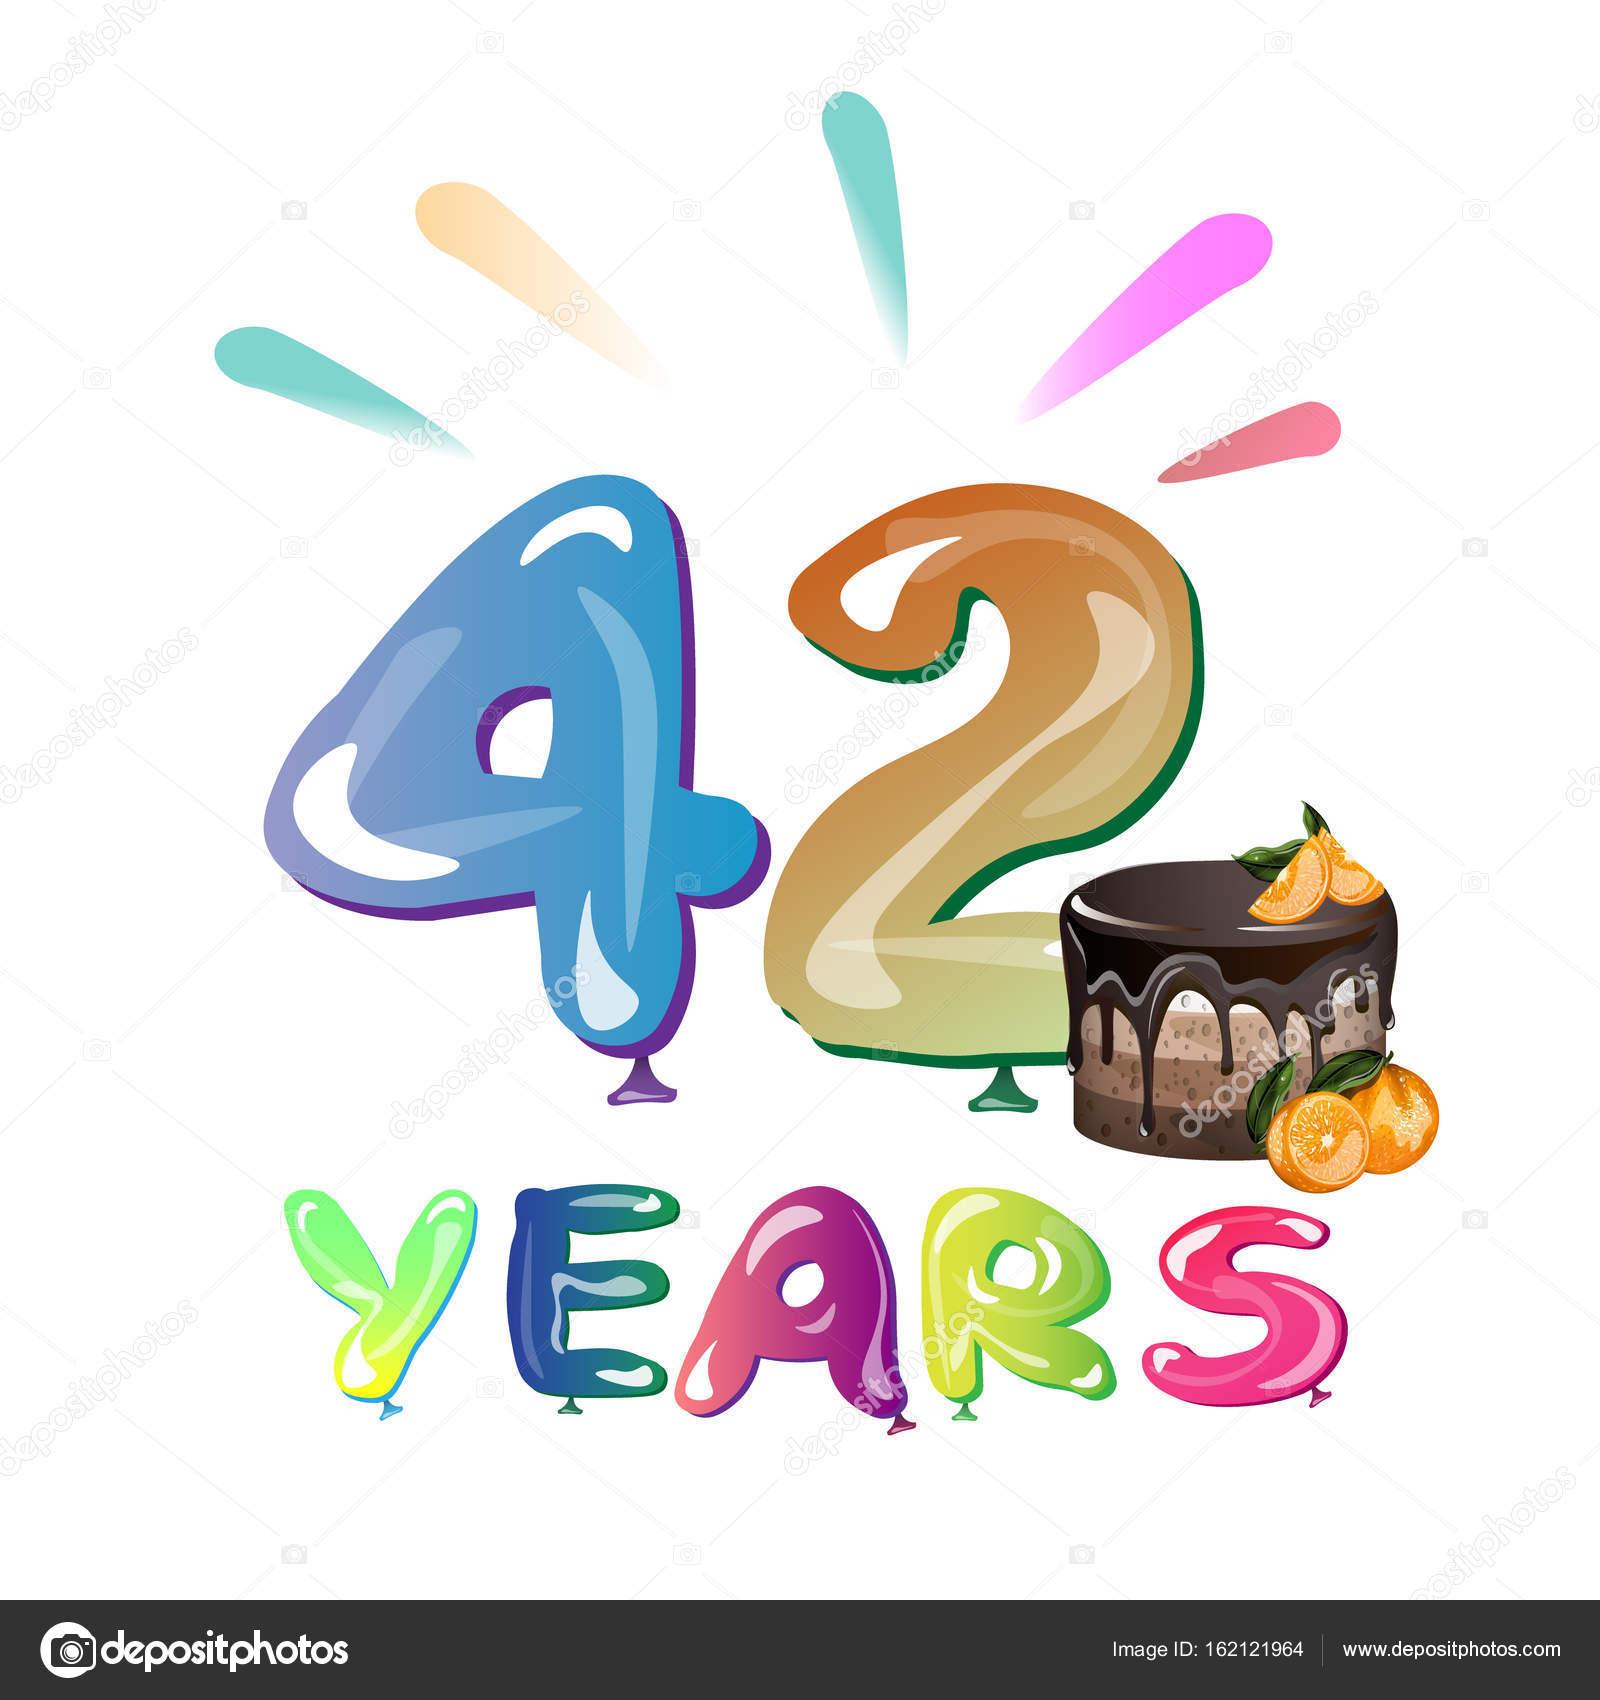 Auguri Buon Compleanno 42 Anni.Vettore 42 Anni Matrimonio Festa Di Compleanno Di 42 Anni